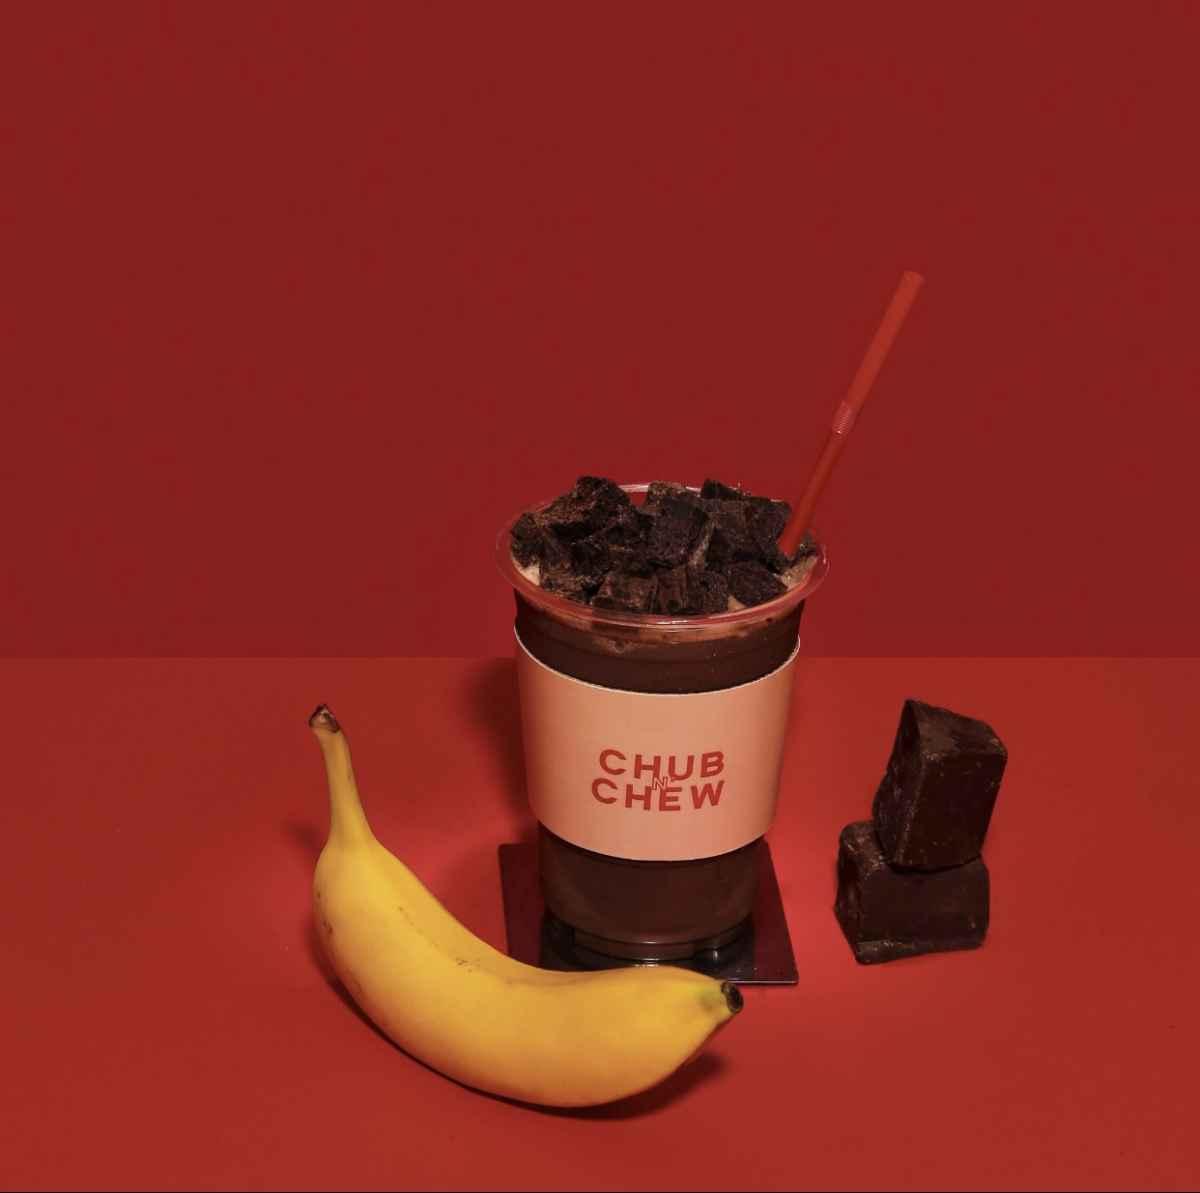 CHUB N' CHEW cafe